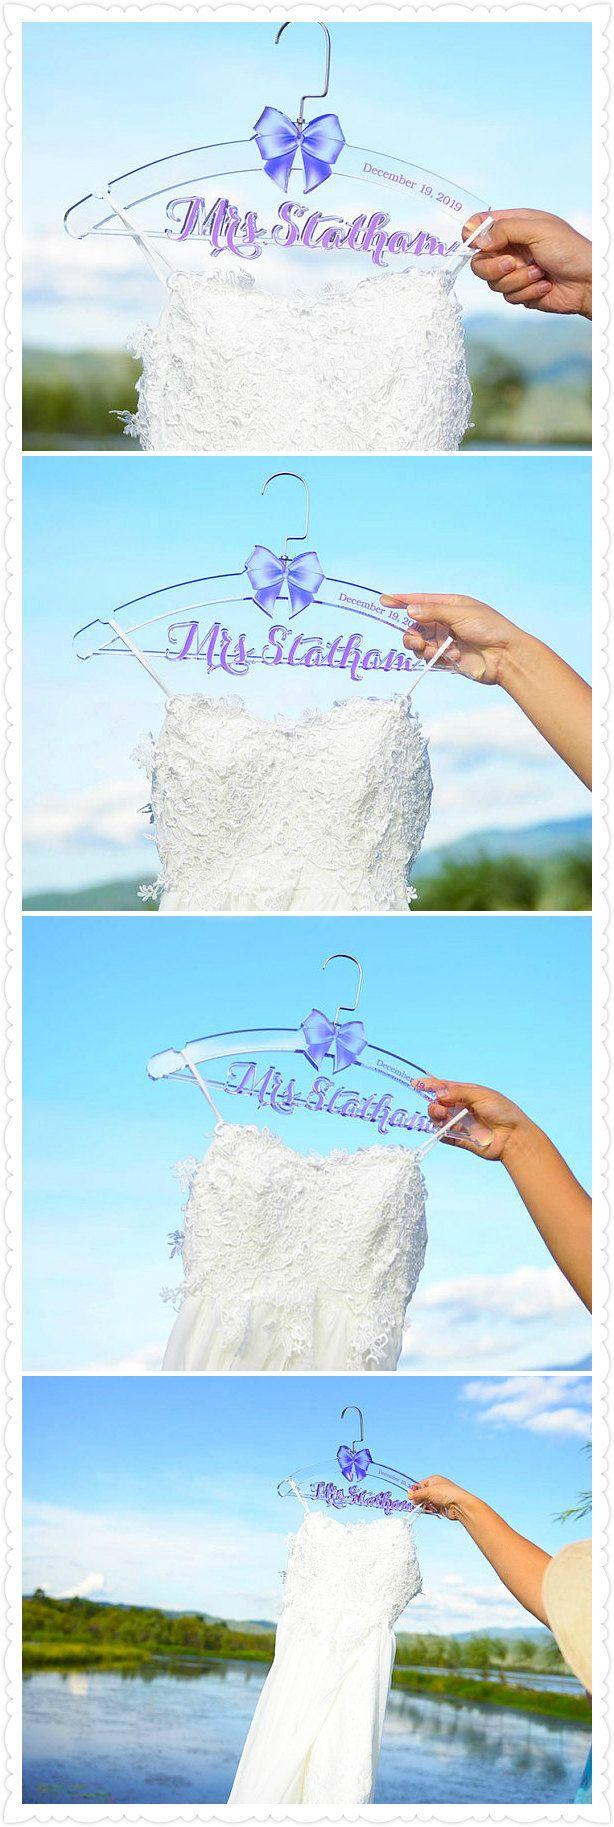 Bridal Shower Gift, Personalized Wedding Hanger, Bridal Hanger ...